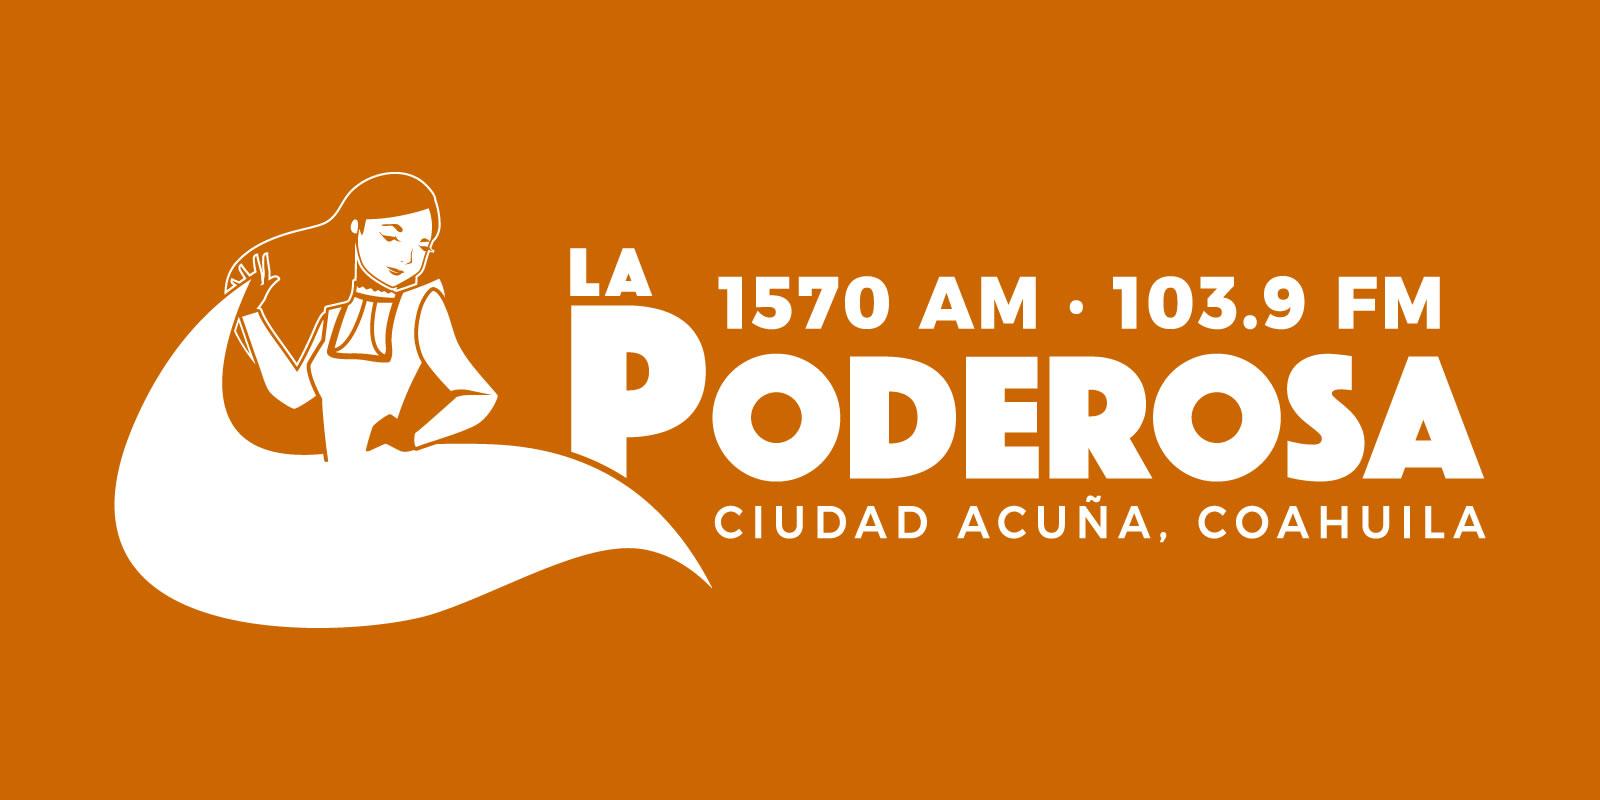 La Poderosa, 1570 AM, Ciudad Acuña, Coahuila